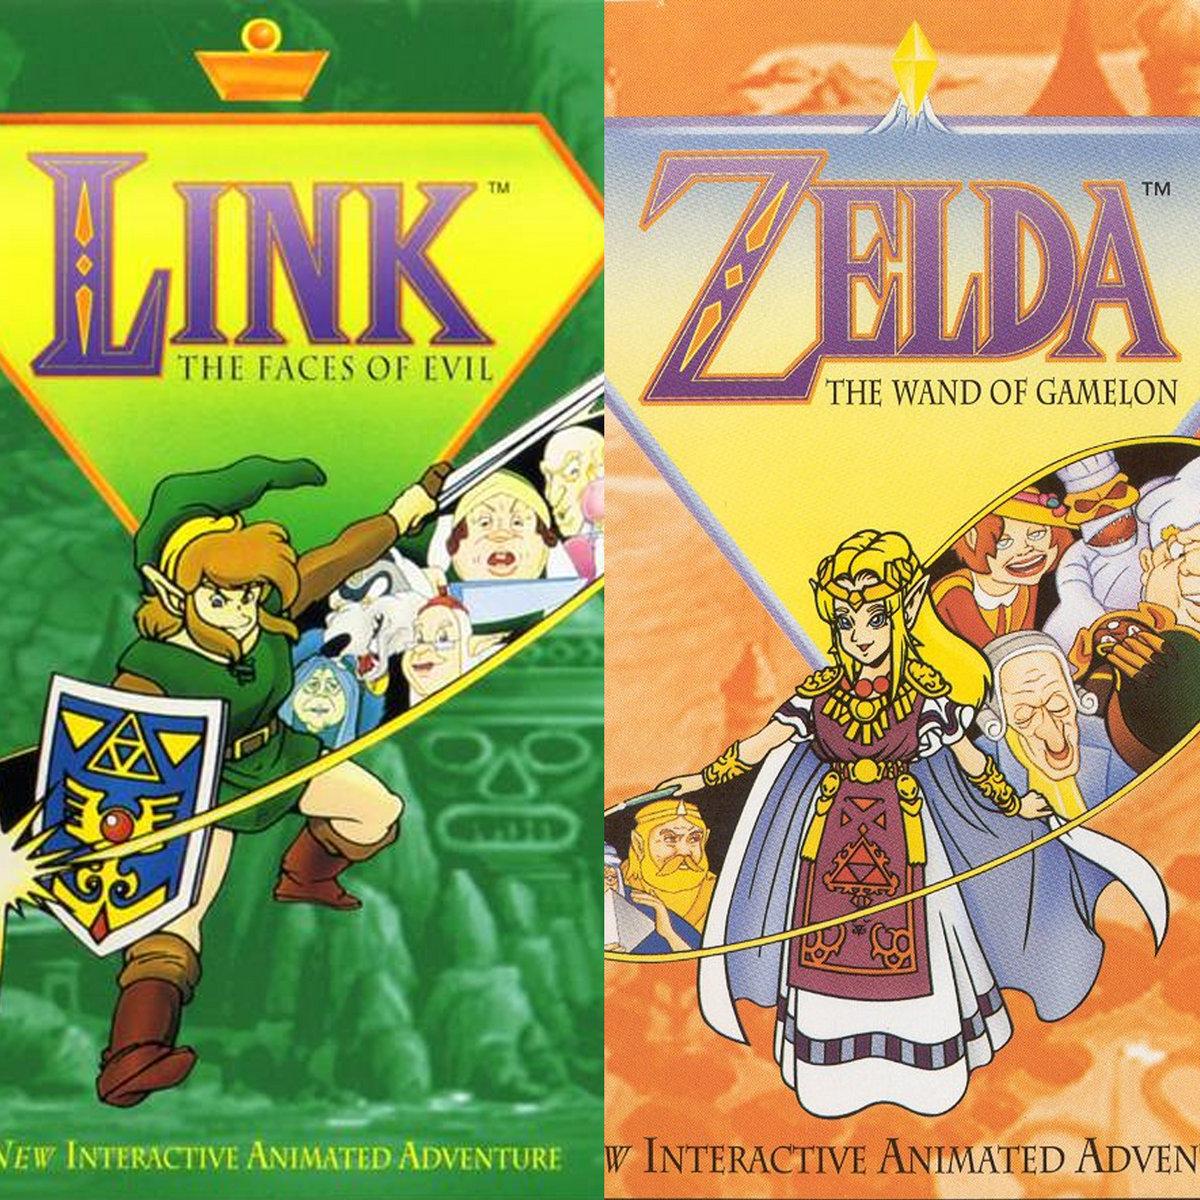 a0664849400 10 - Top 10 juegos de The Legend of Zelda más divisivos entre los fans